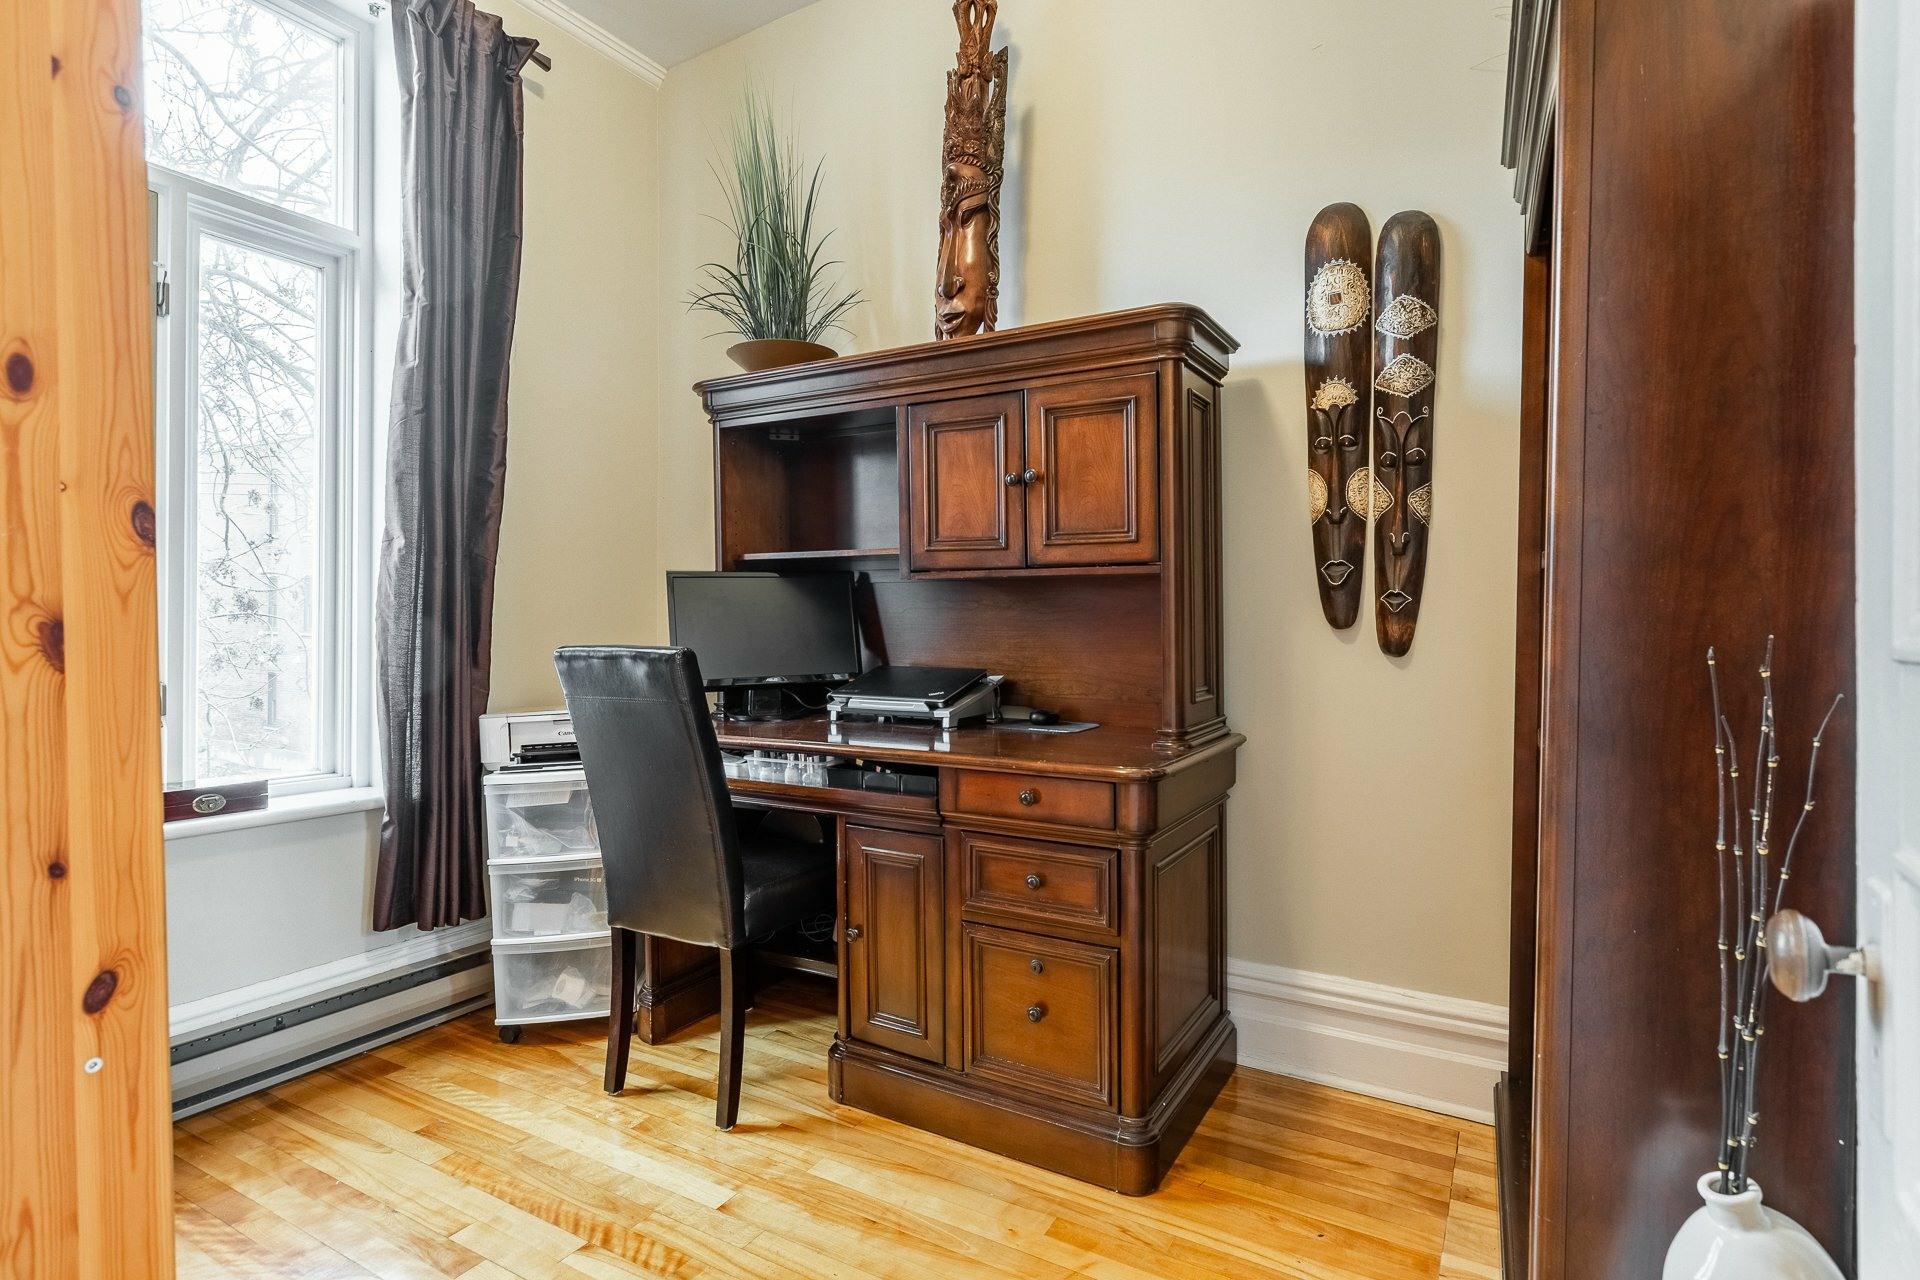 image 8 - Appartement À vendre Montréal Le Plateau-Mont-Royal  - 7 pièces